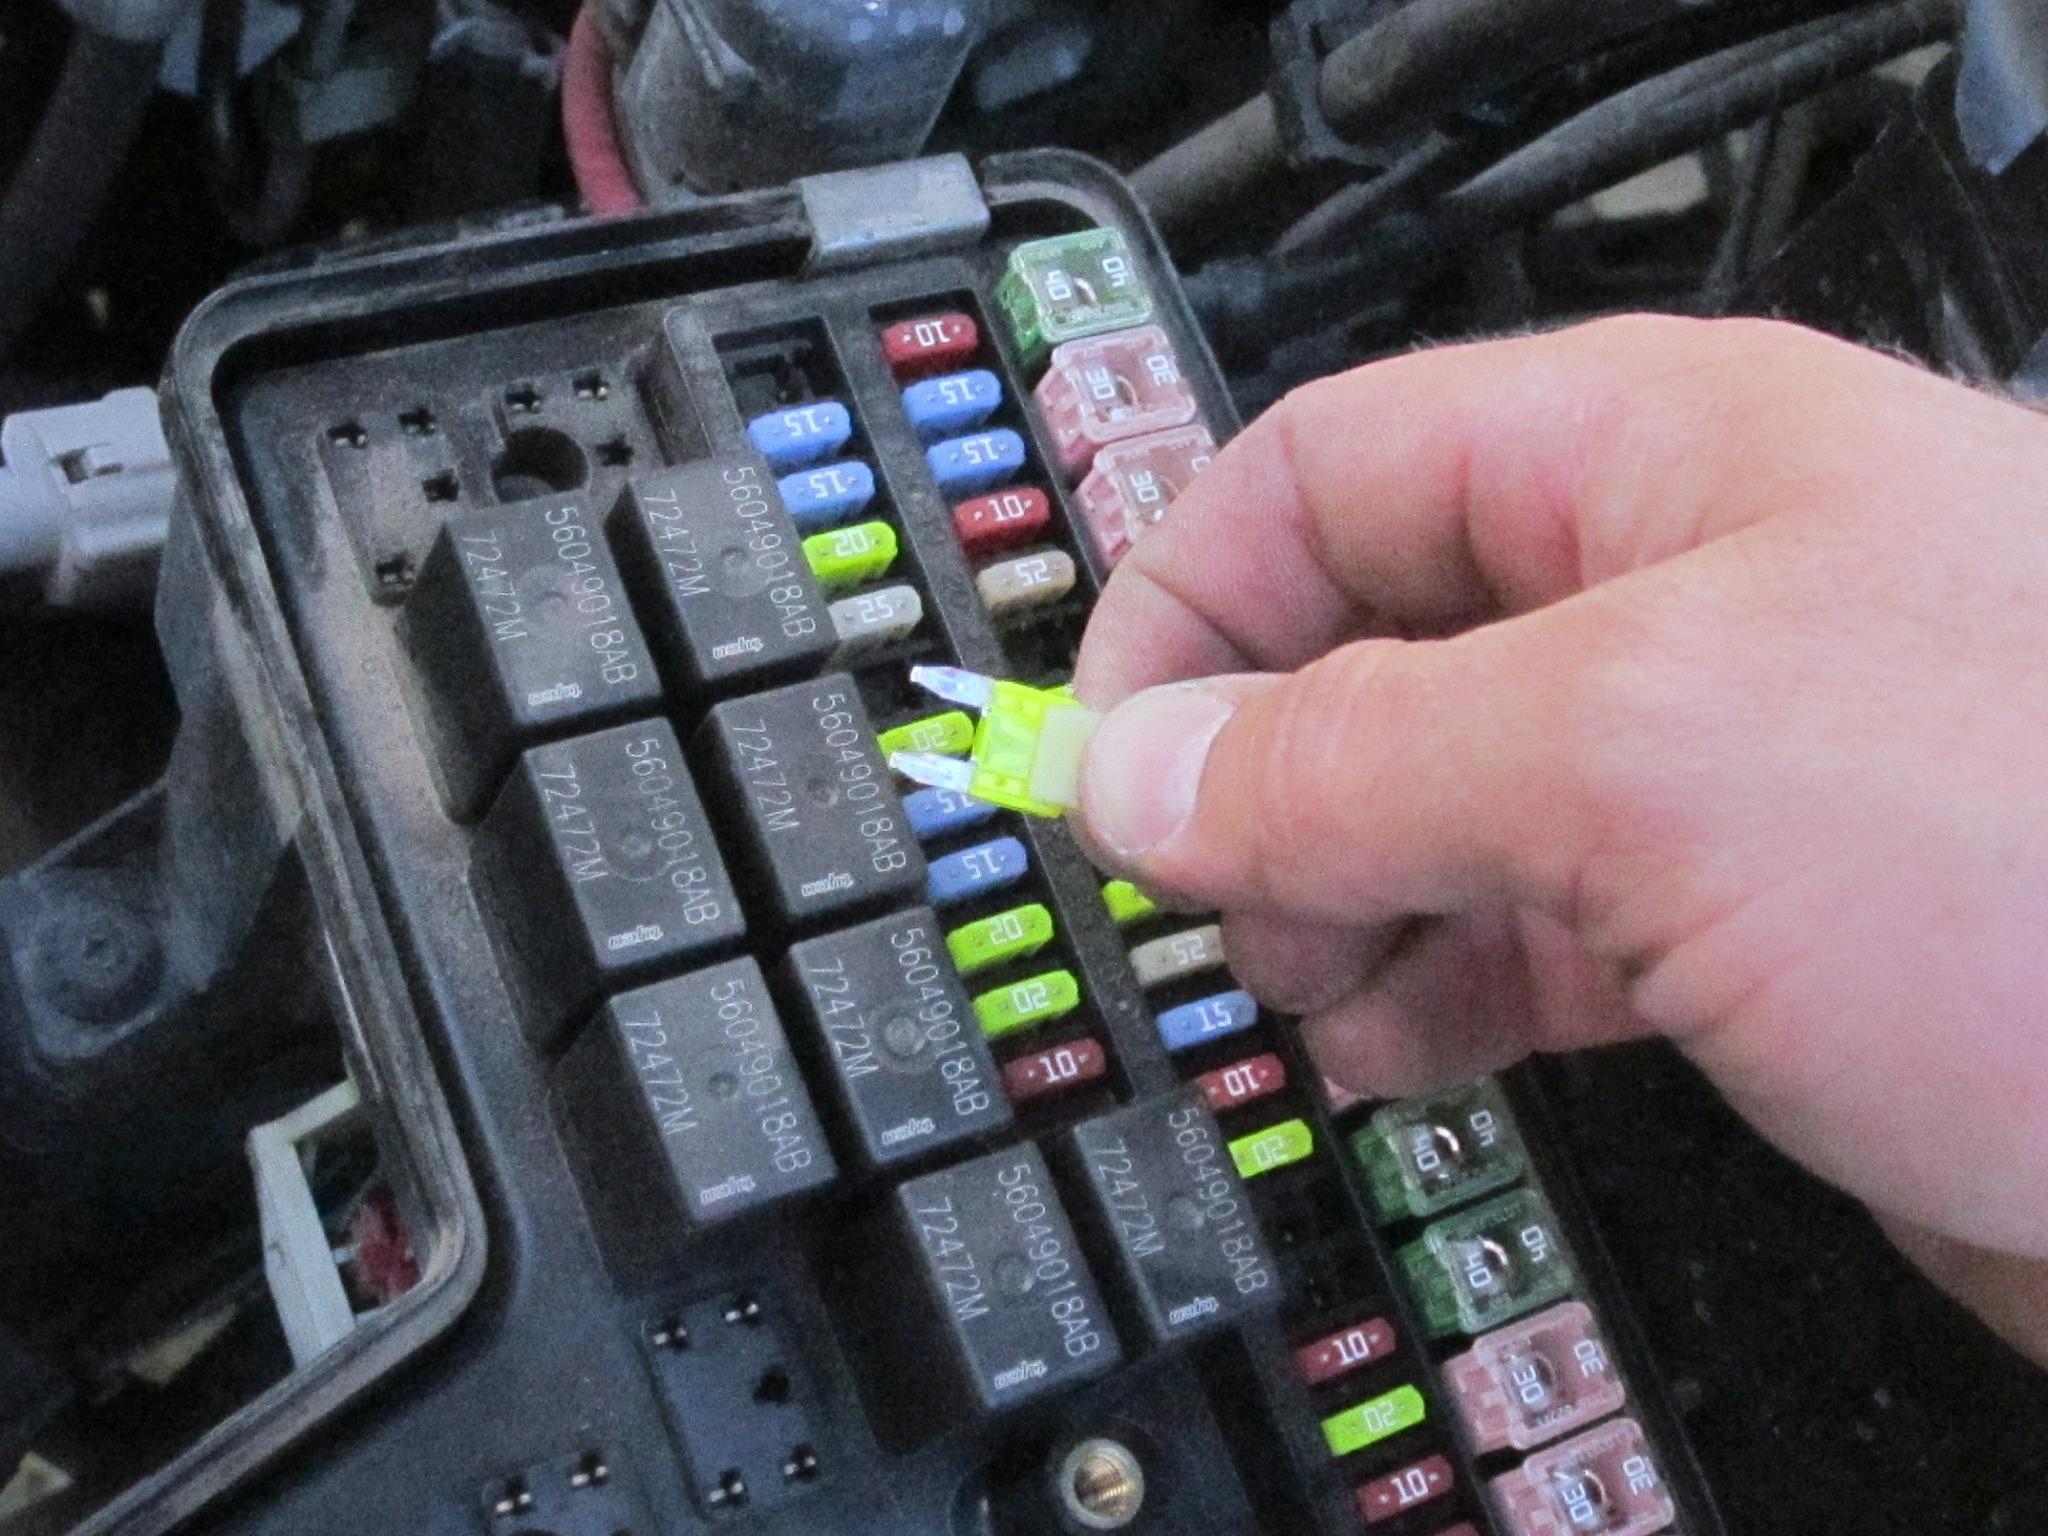 2003 dodge ram 2500 trailer wiring diagram 4 bit adder subtractor circuit truck fuse box data schema 2002 2008 1500 replacement 2004 2005 toyota